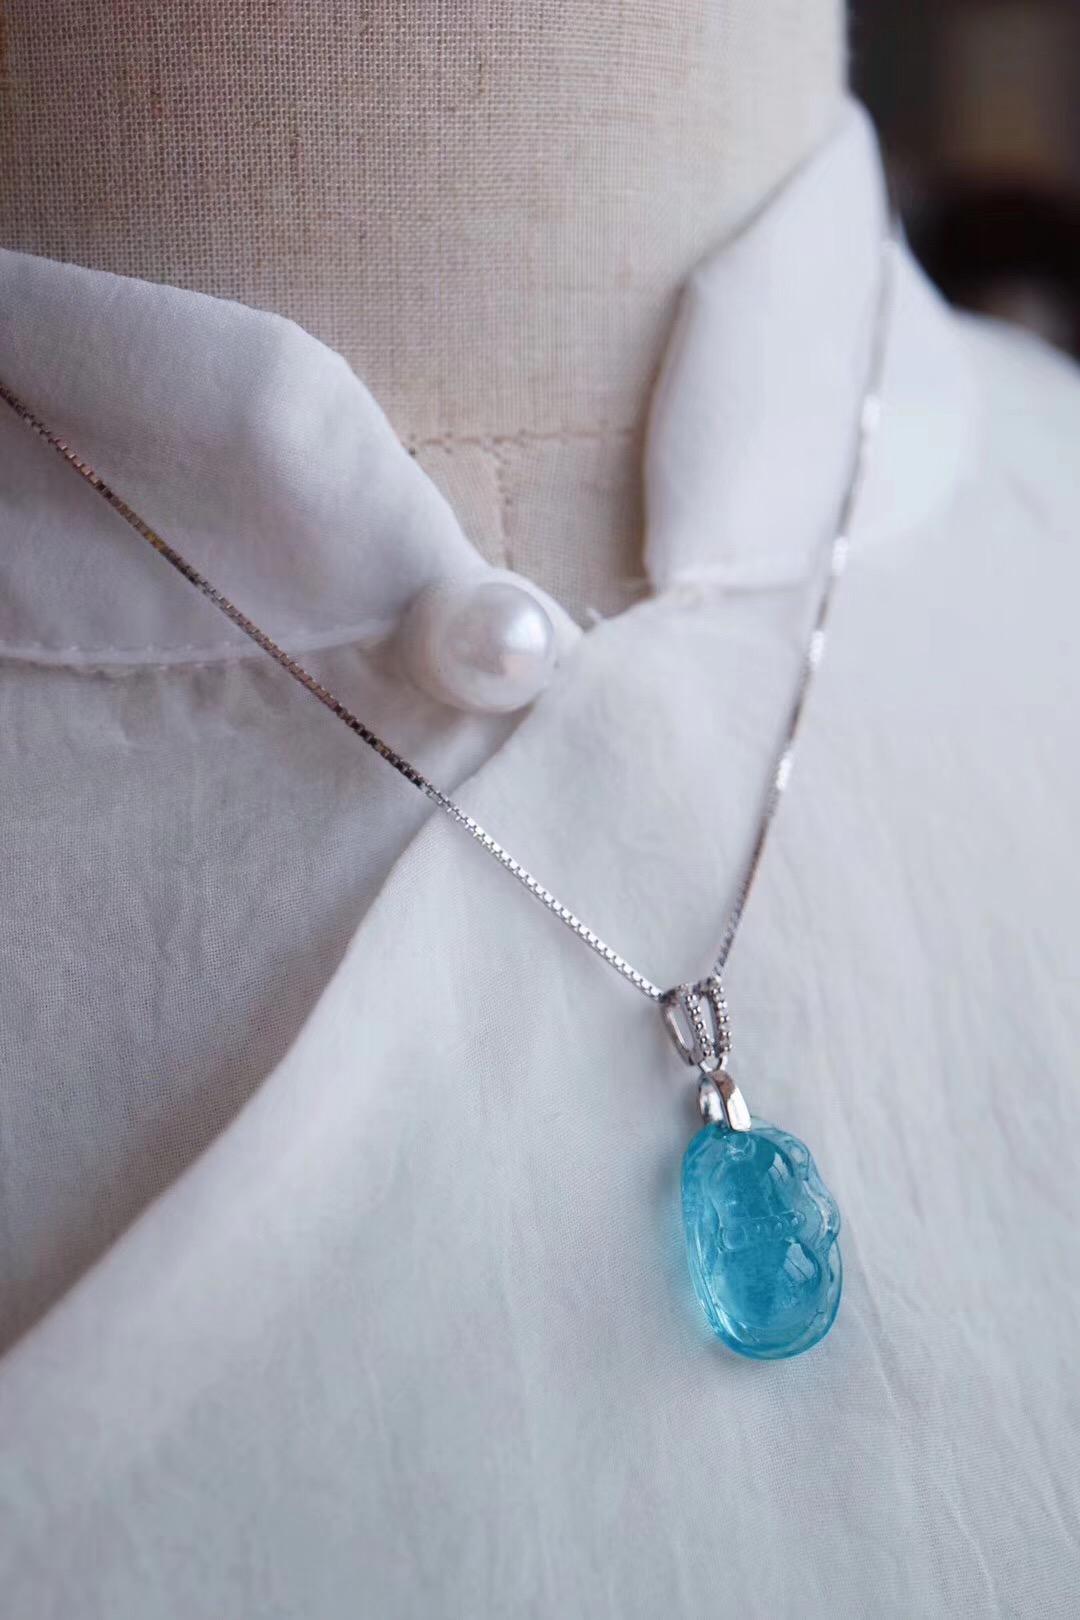 【菩心海蓝宝 | 葫芦】天气渐热,又是锁骨链盛行的季节啦-菩心晶舍